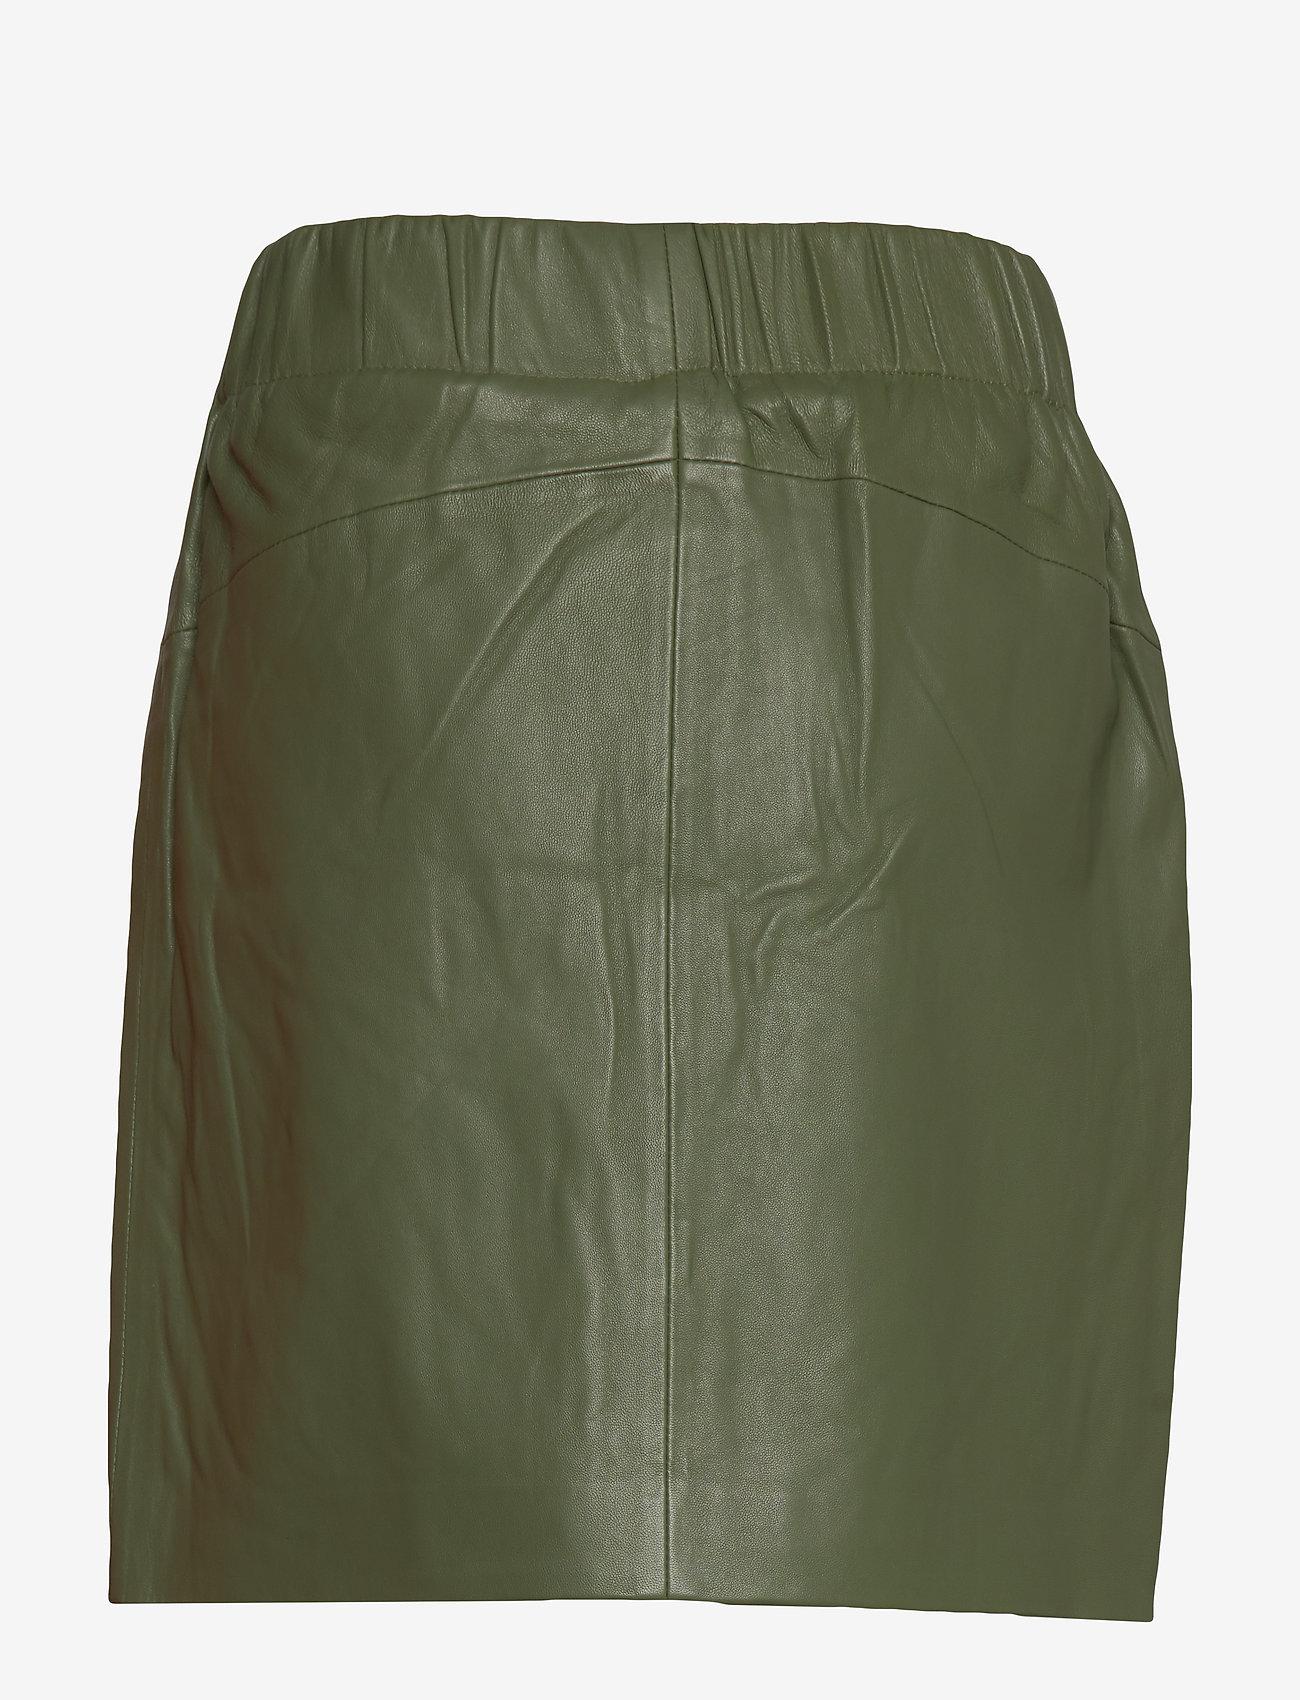 Yas Yasrobin Hw Leather Skirt - Icons Jupes